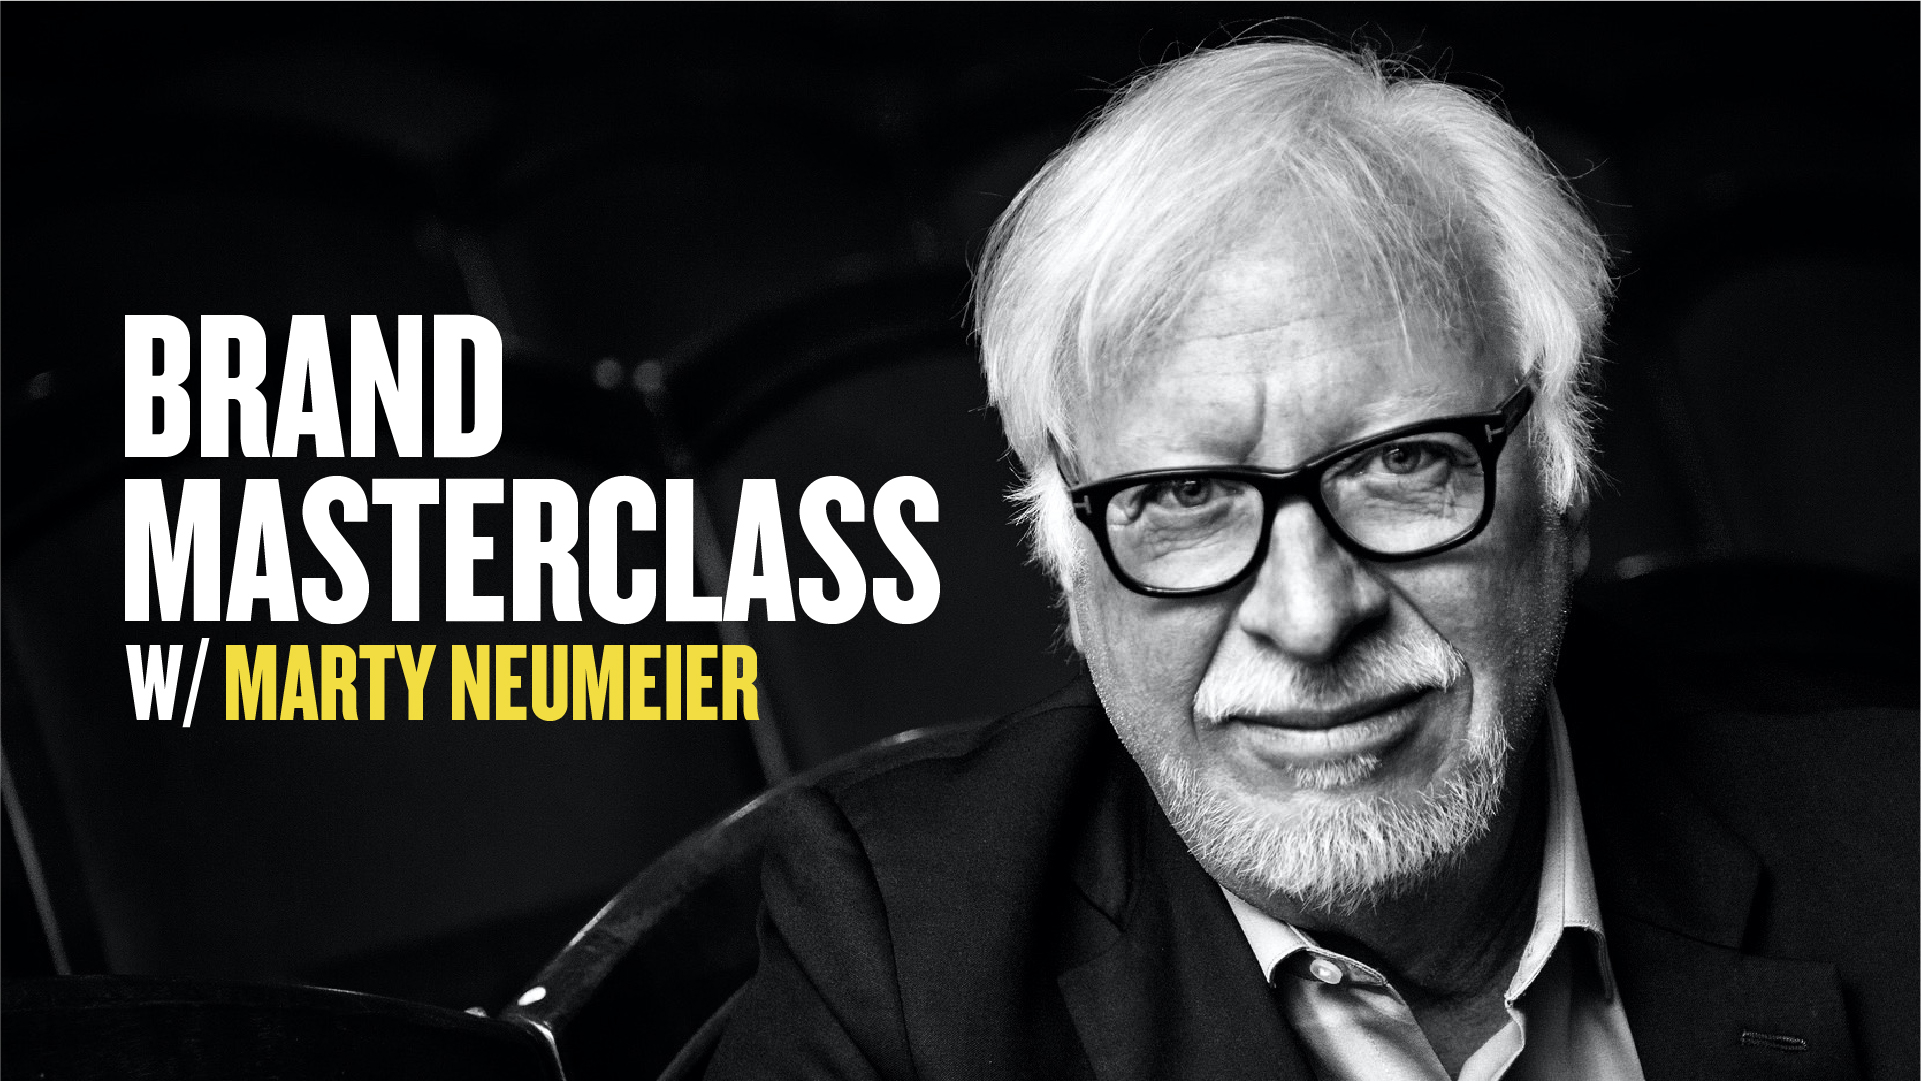 打造颠覆性品牌:Marty Neumeier 's Masterclass内部